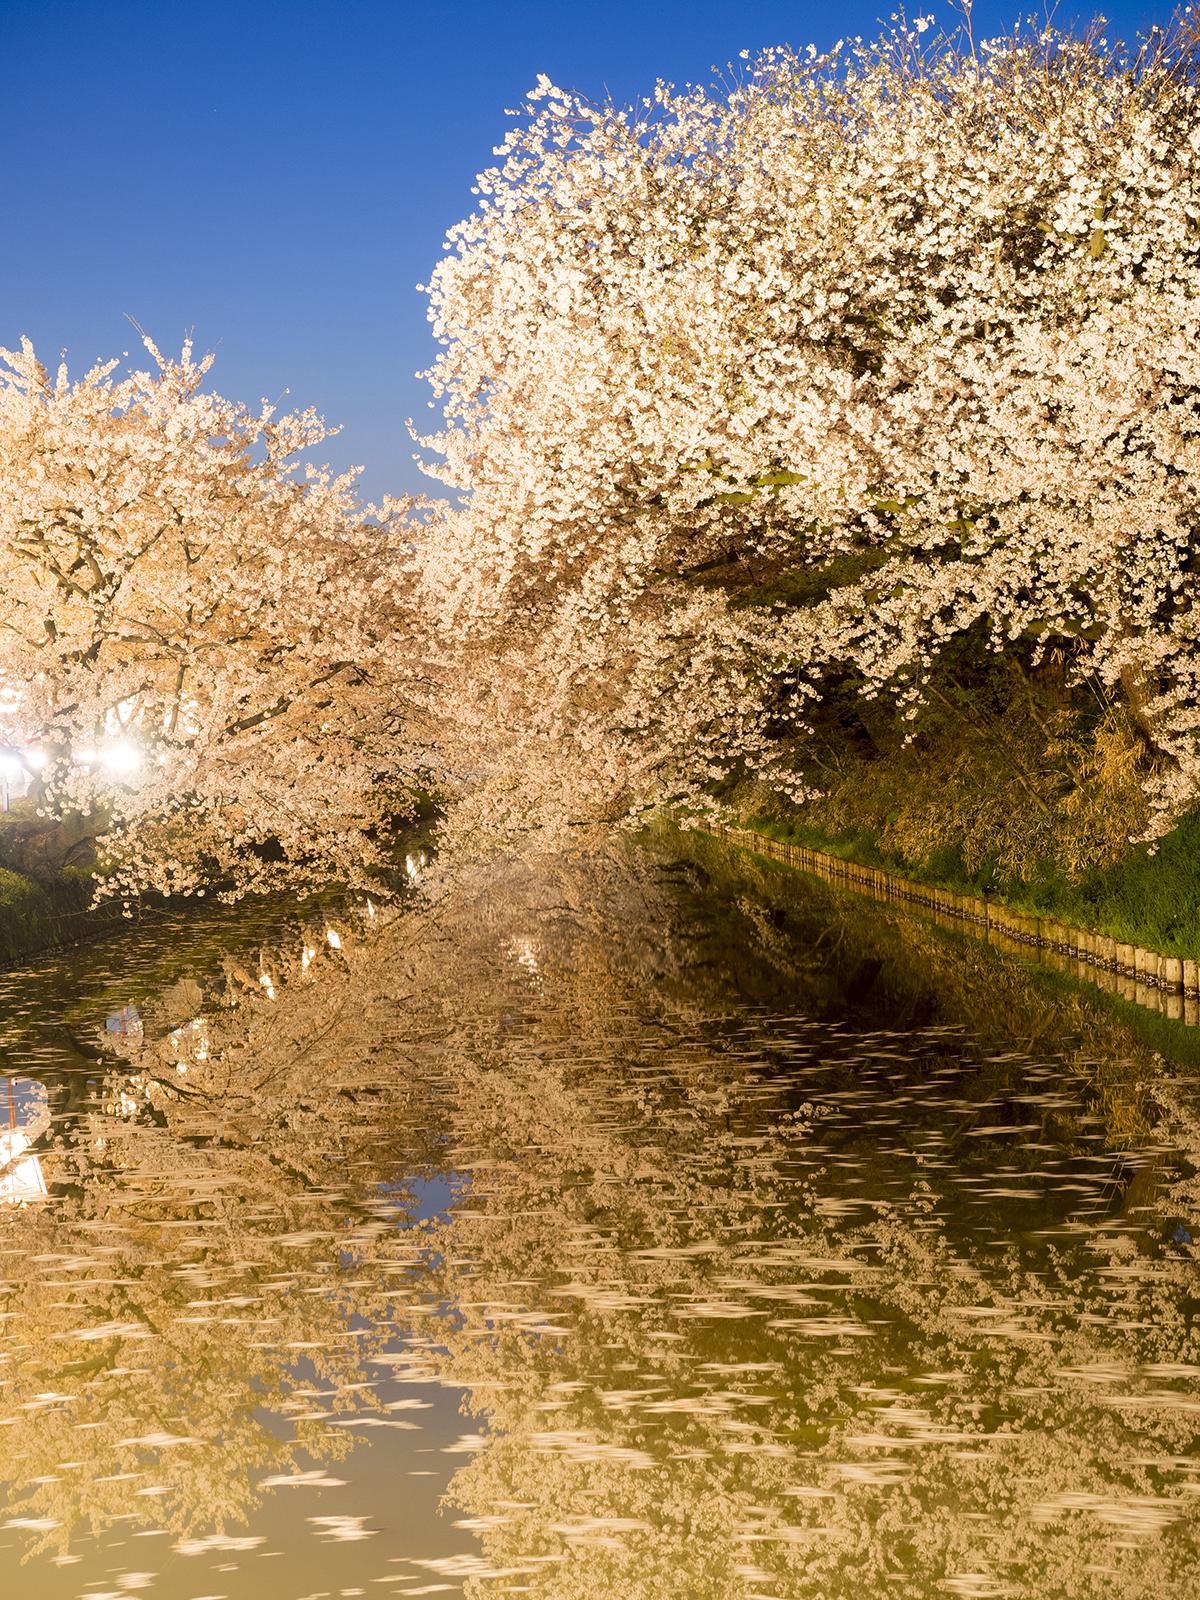 2015/4/23 21時頃 弘前公園・弘前城の様子